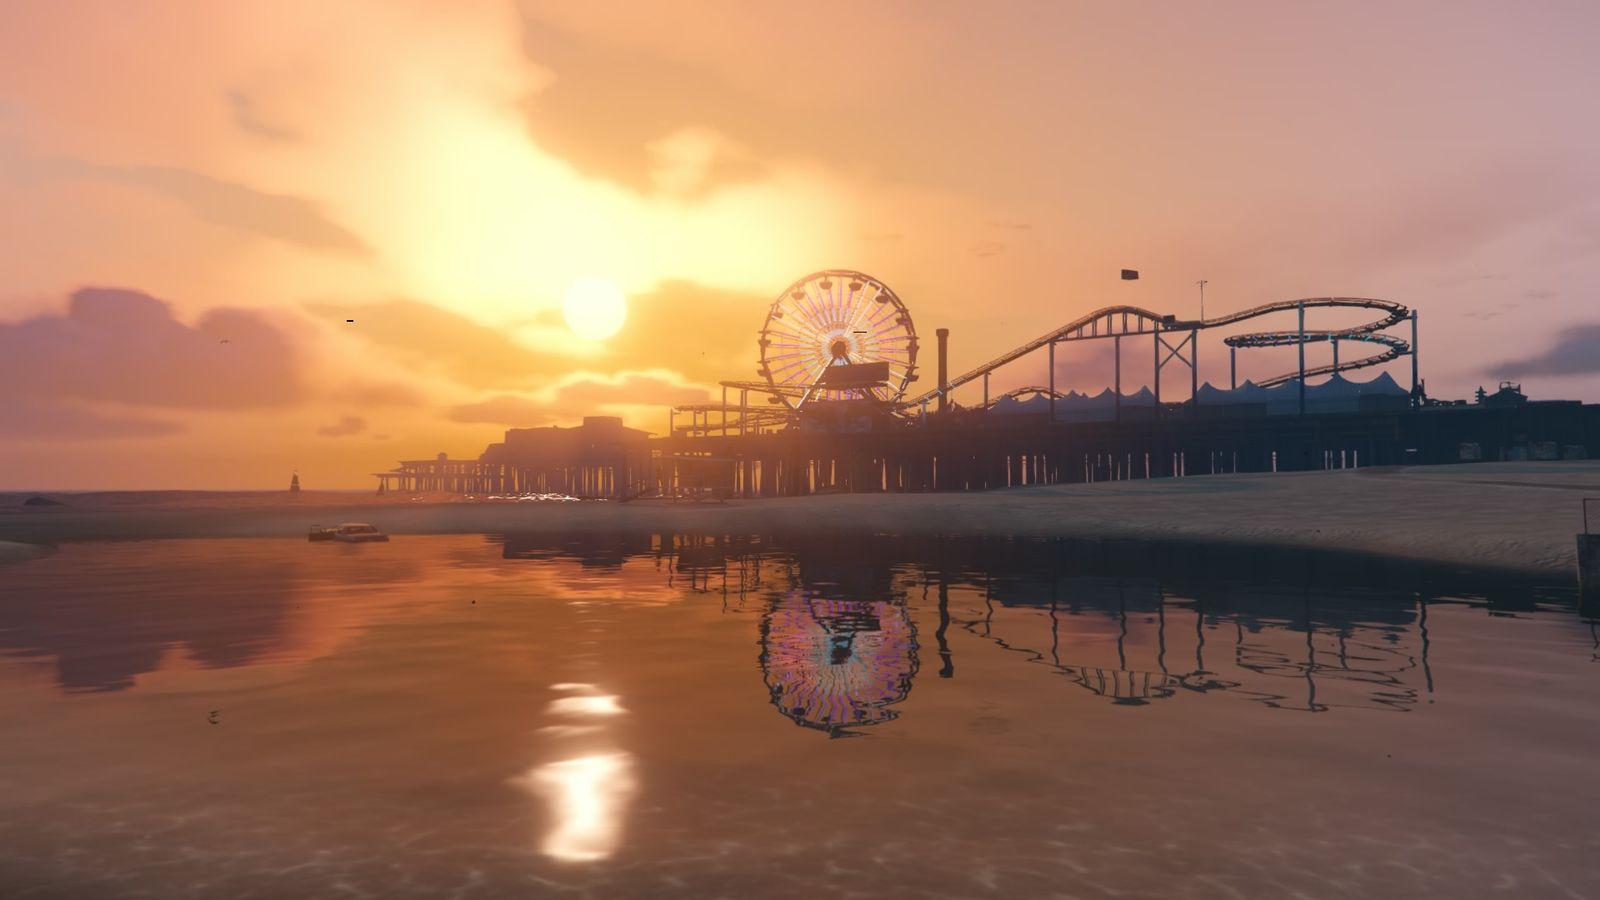 NUR ALS ZITAT Screenshot Spielewelten/ Rockstar Games/ GTA 5 - 3